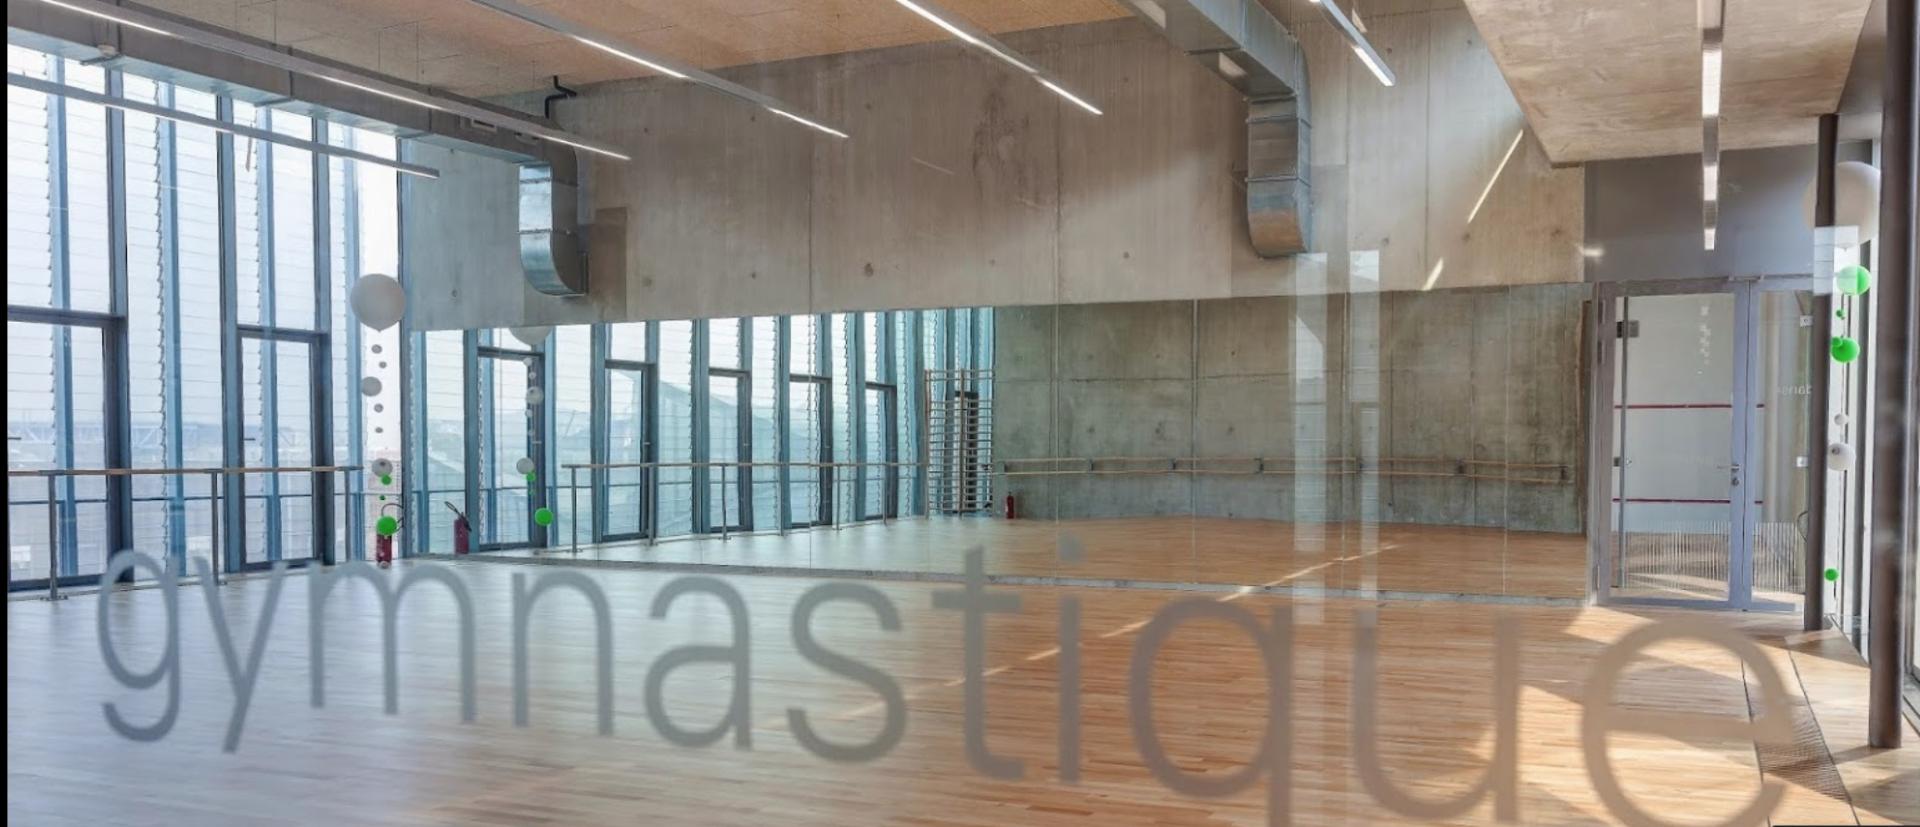 Photo 14 Les meilleurs tarifs  et activités pour le centre Espace Forme Jules Ladoumegue Paris